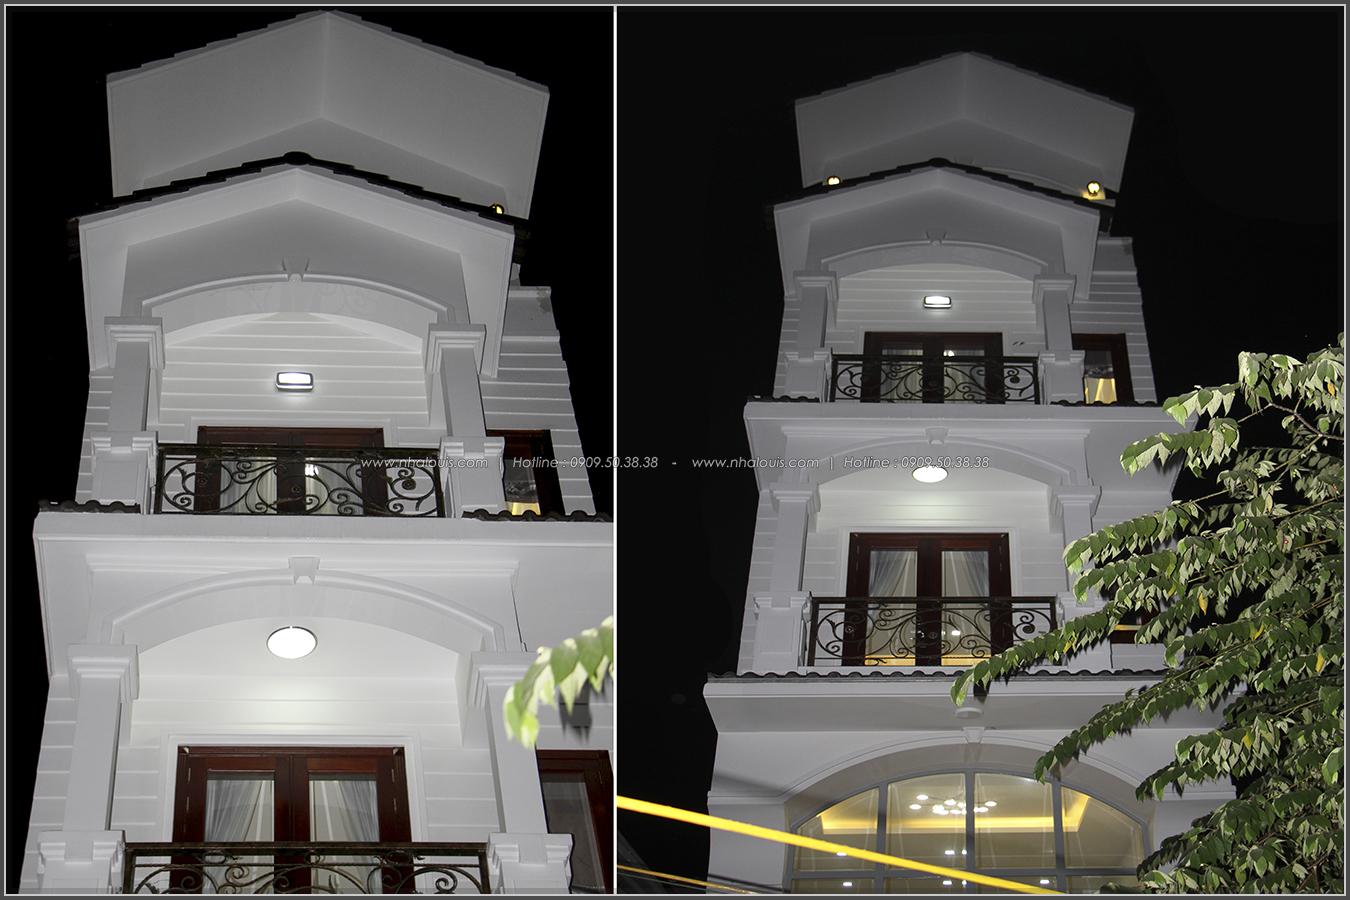 Thi công xây dựng nhà phố mặt tiền 5m tân cổ điện của anh Lợi quận Tân Phú